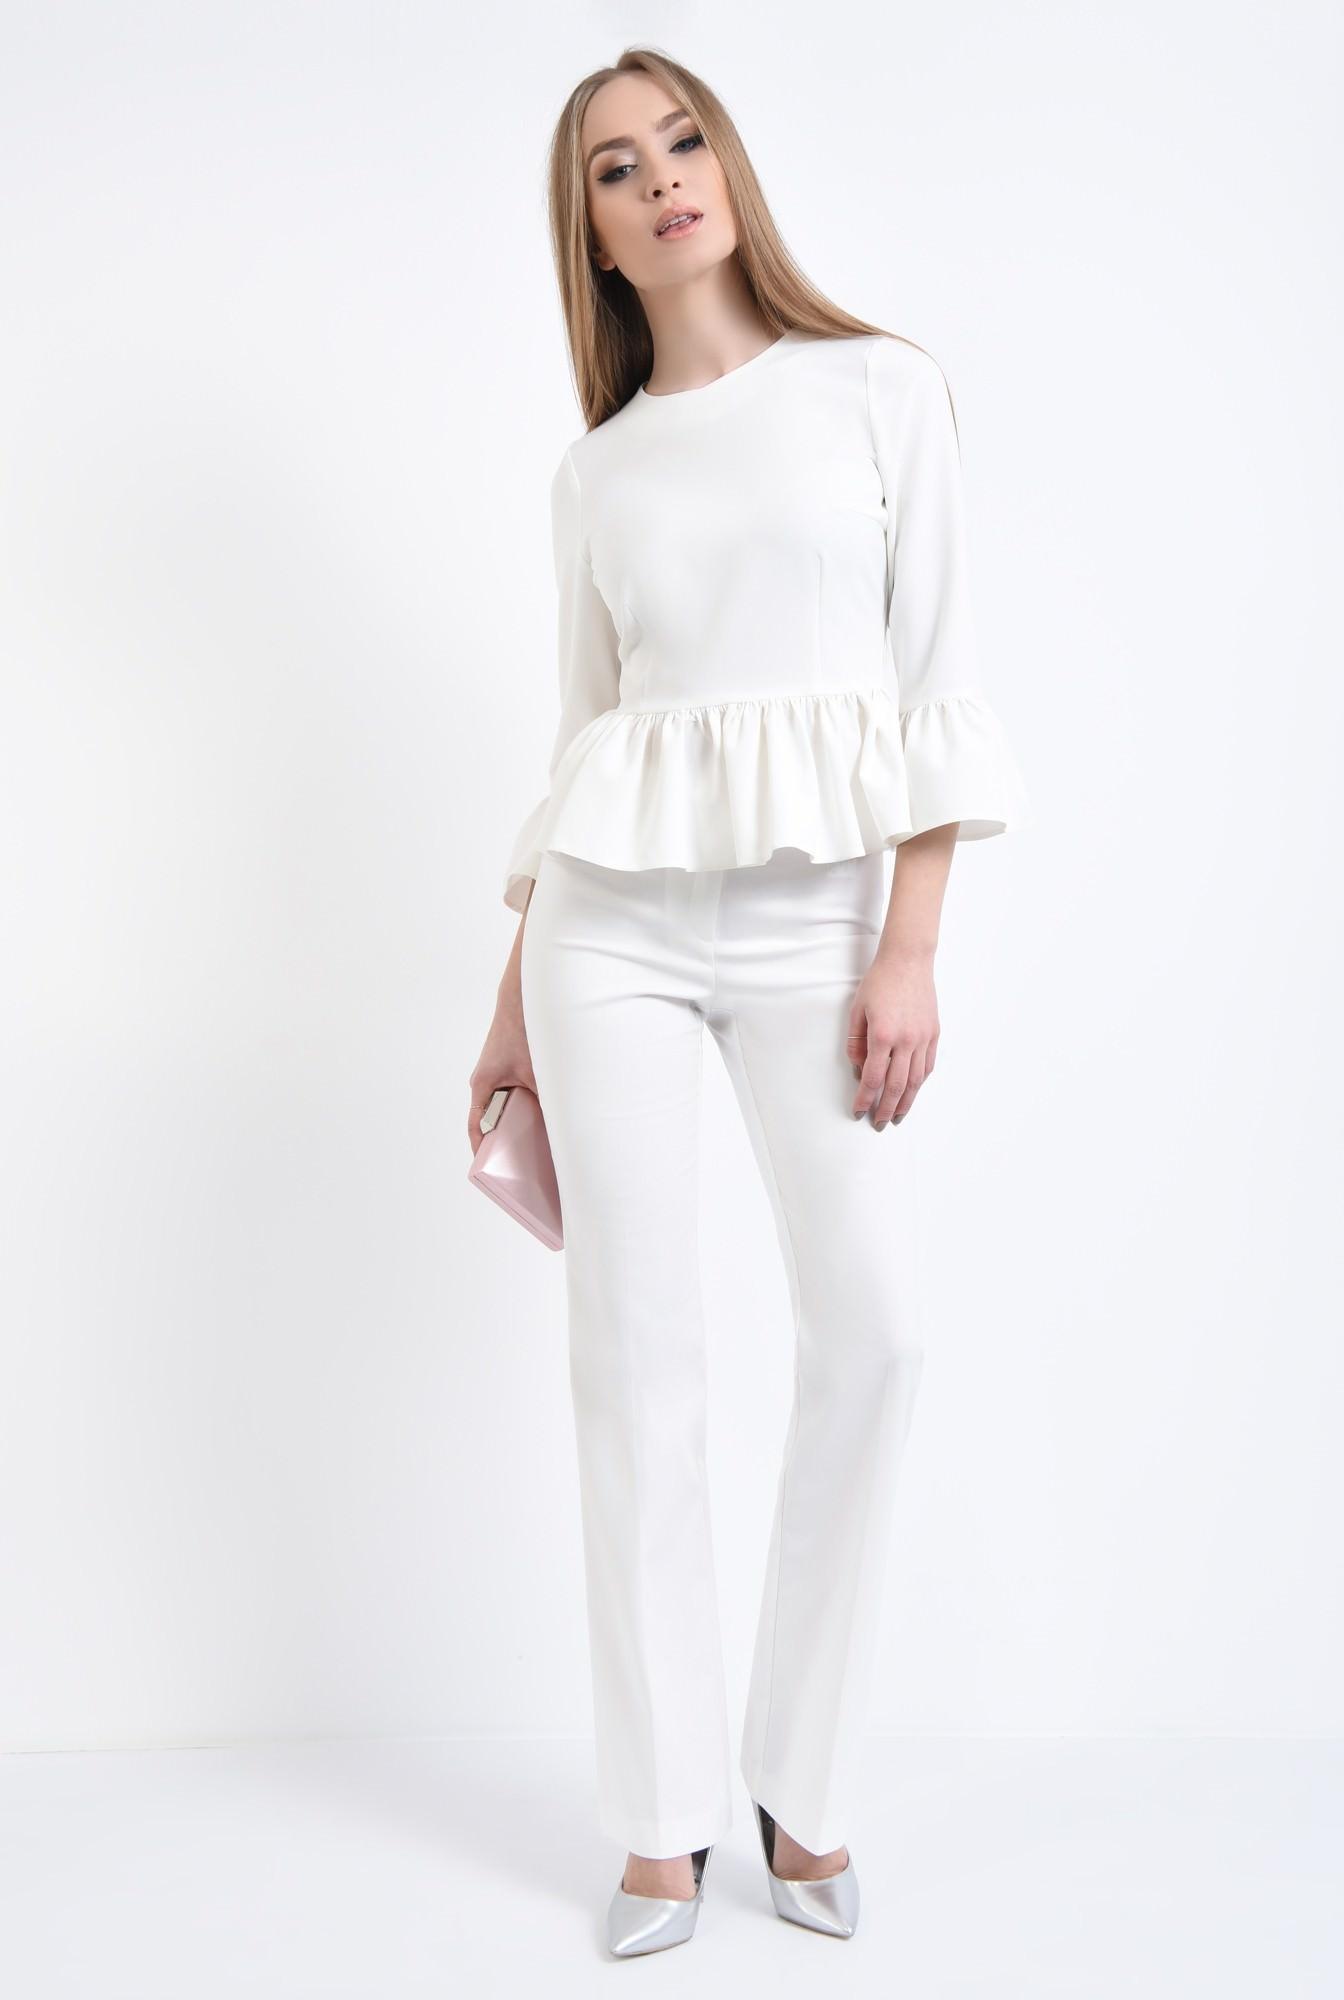 3 - Bluza eleganta, cu volane, tesatura elastica, decolteu rotund la baza gatului